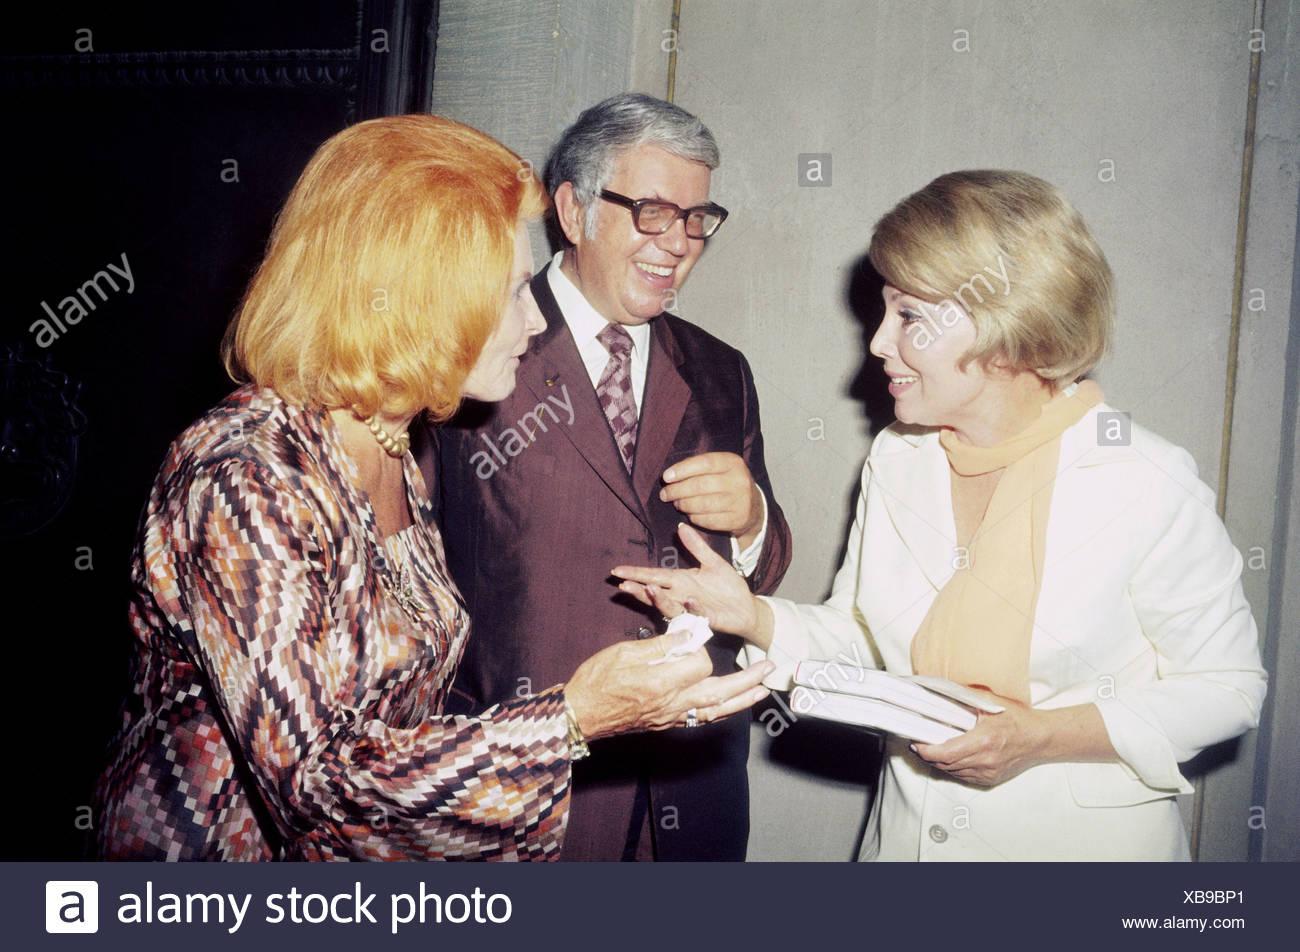 Kindler, Helmut, 3.12.1912 - 15.9.2008, editorial alemana, con su esposa Nina y Anneliese Rothenberger, durante la introducción de su Imagen De Stock